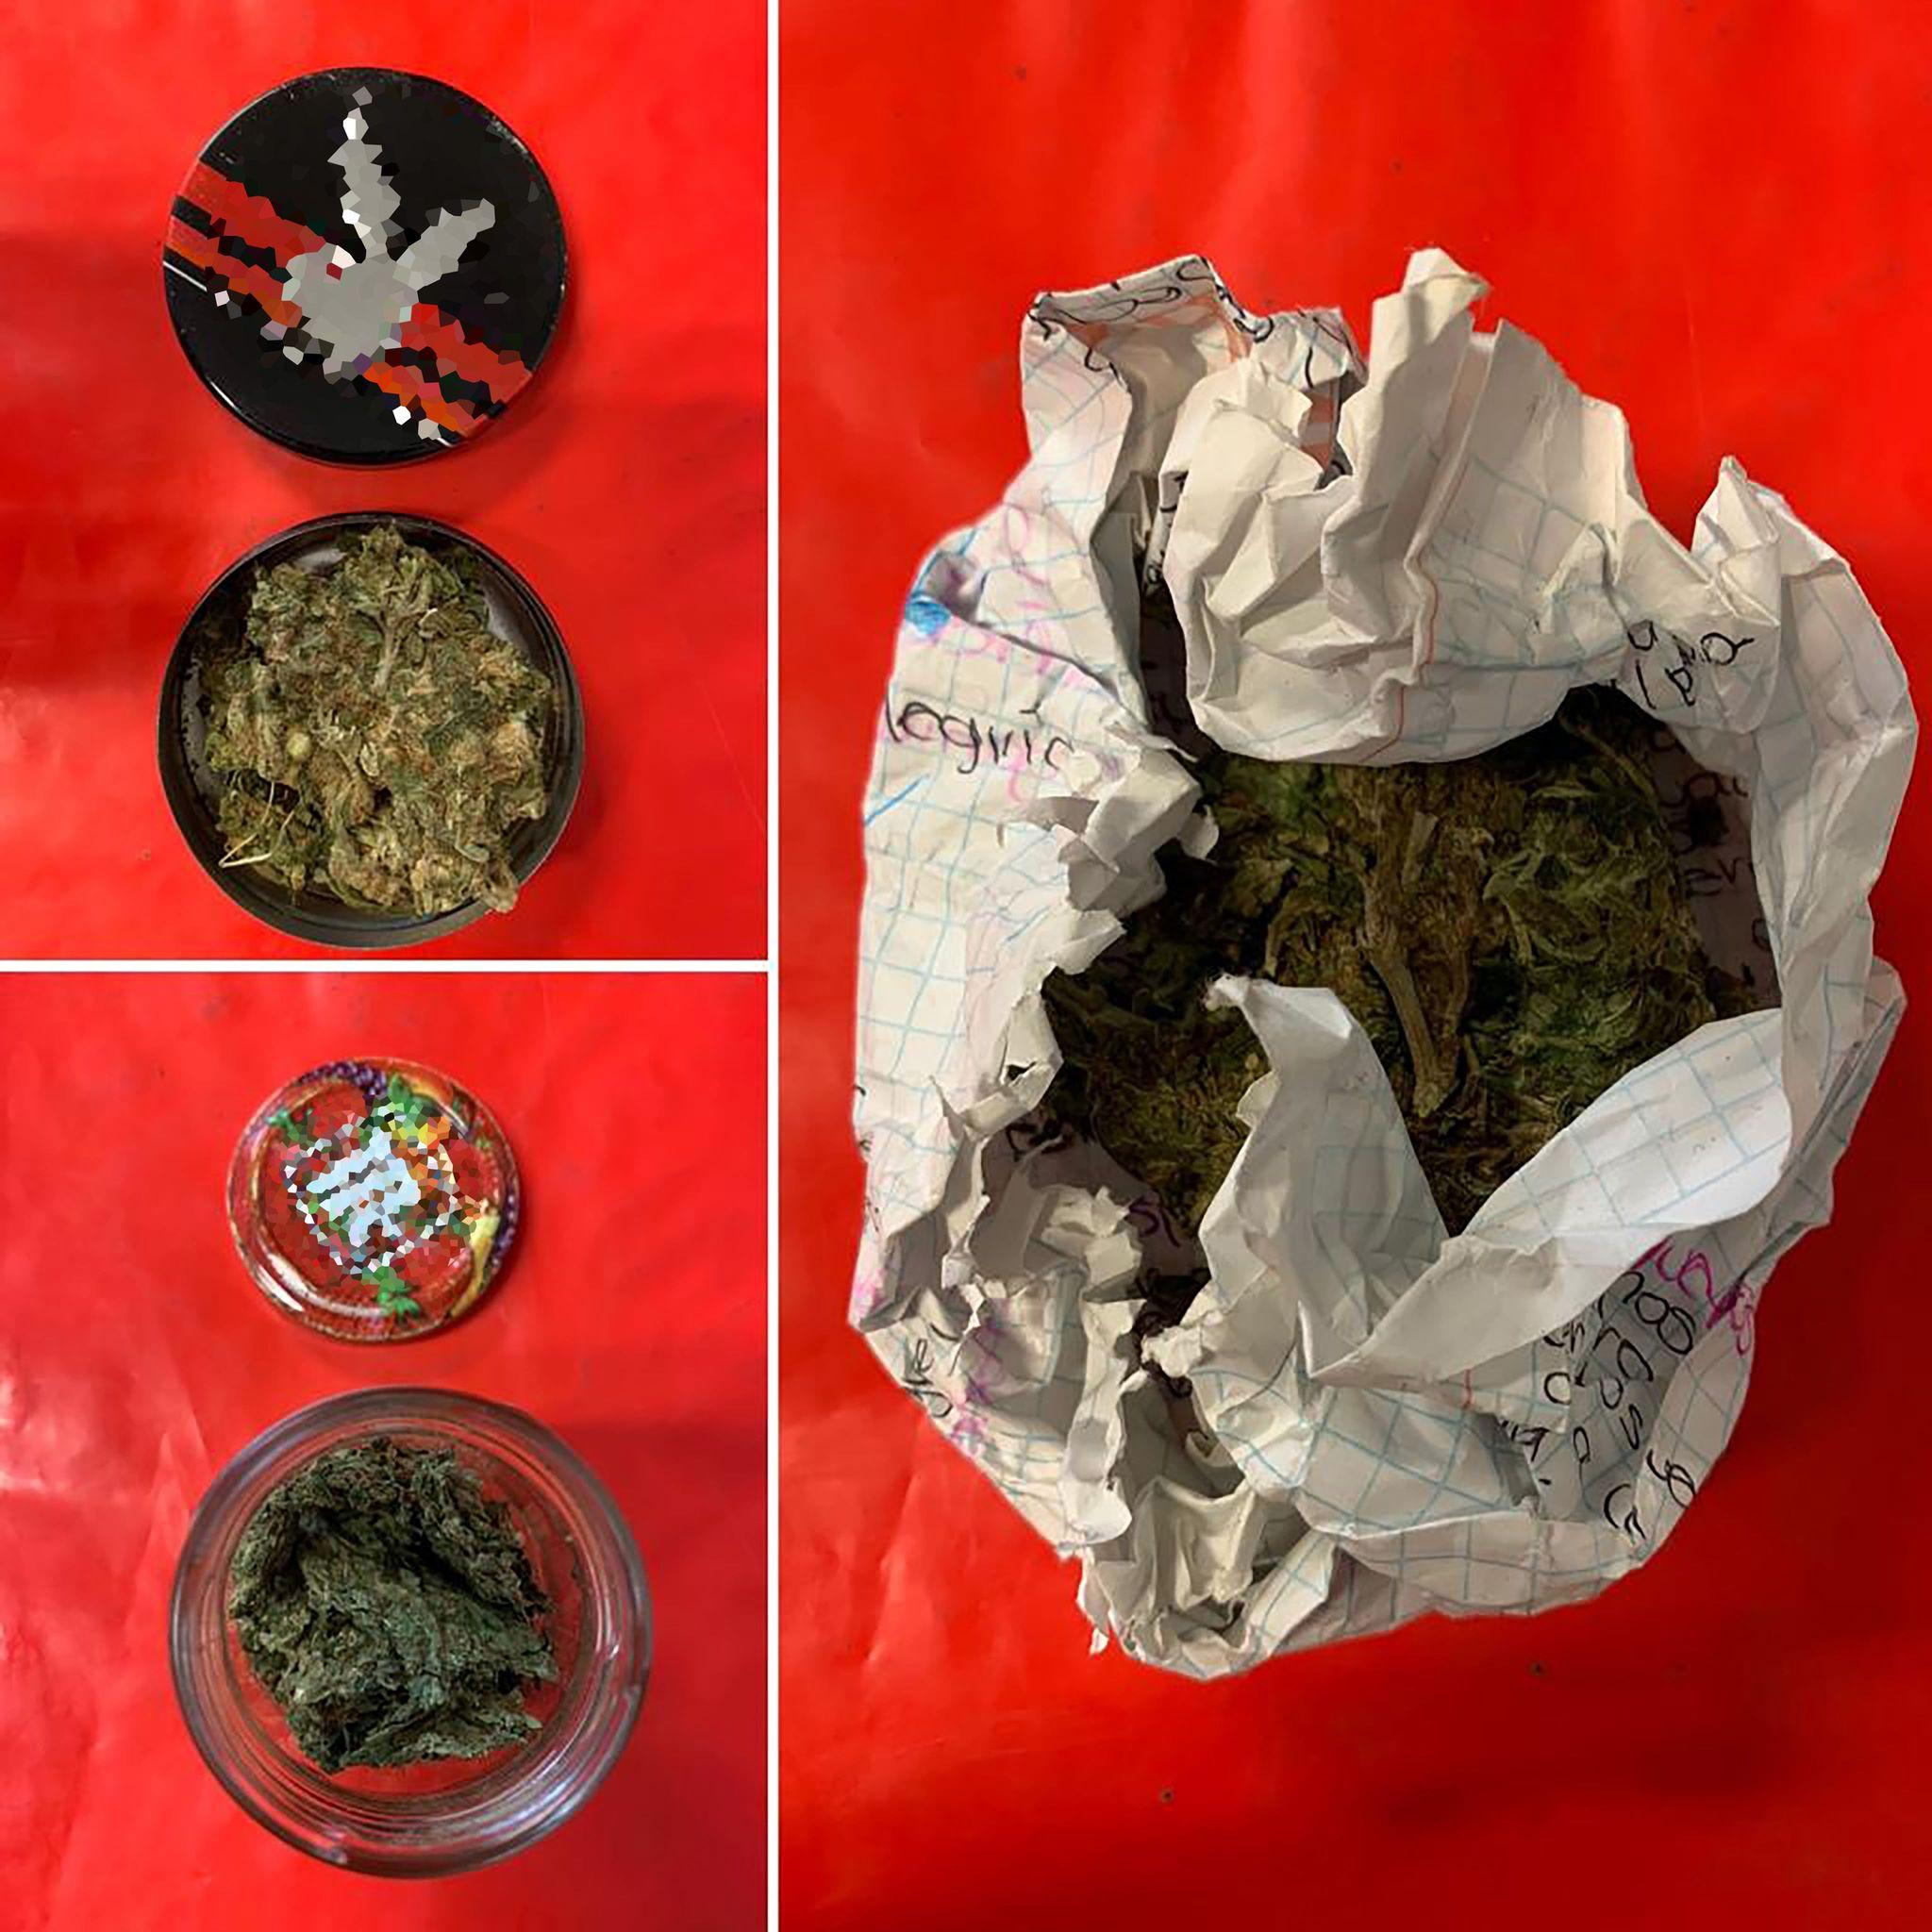 Desde Tlaxcala: SSC detiene a una persona en posesión de marihuana en Tlaxcala